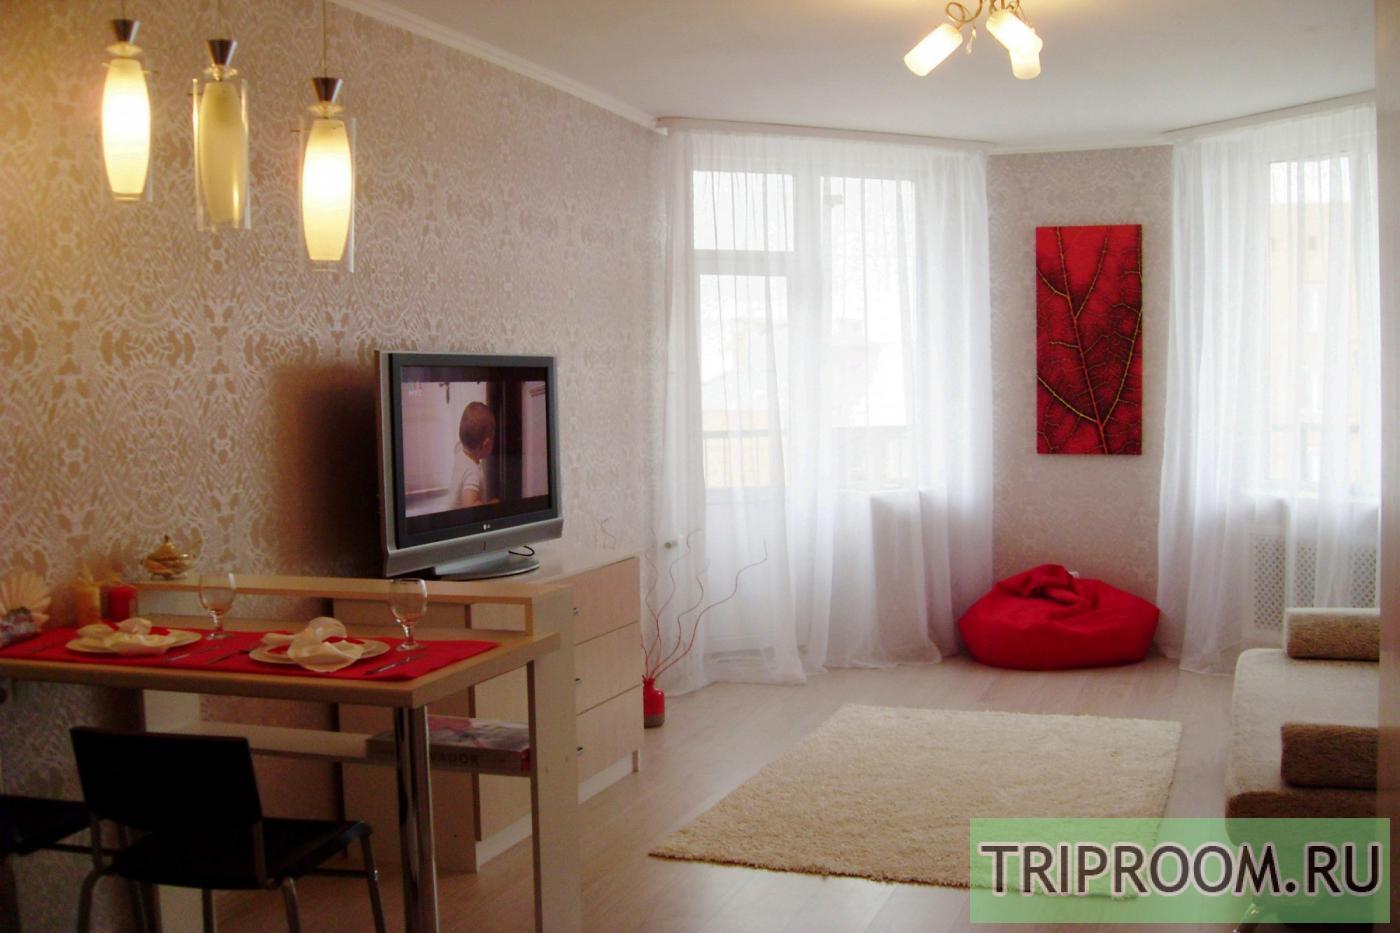 1-комнатная квартира посуточно (вариант № 28156), ул. Алтайская улица, фото № 9